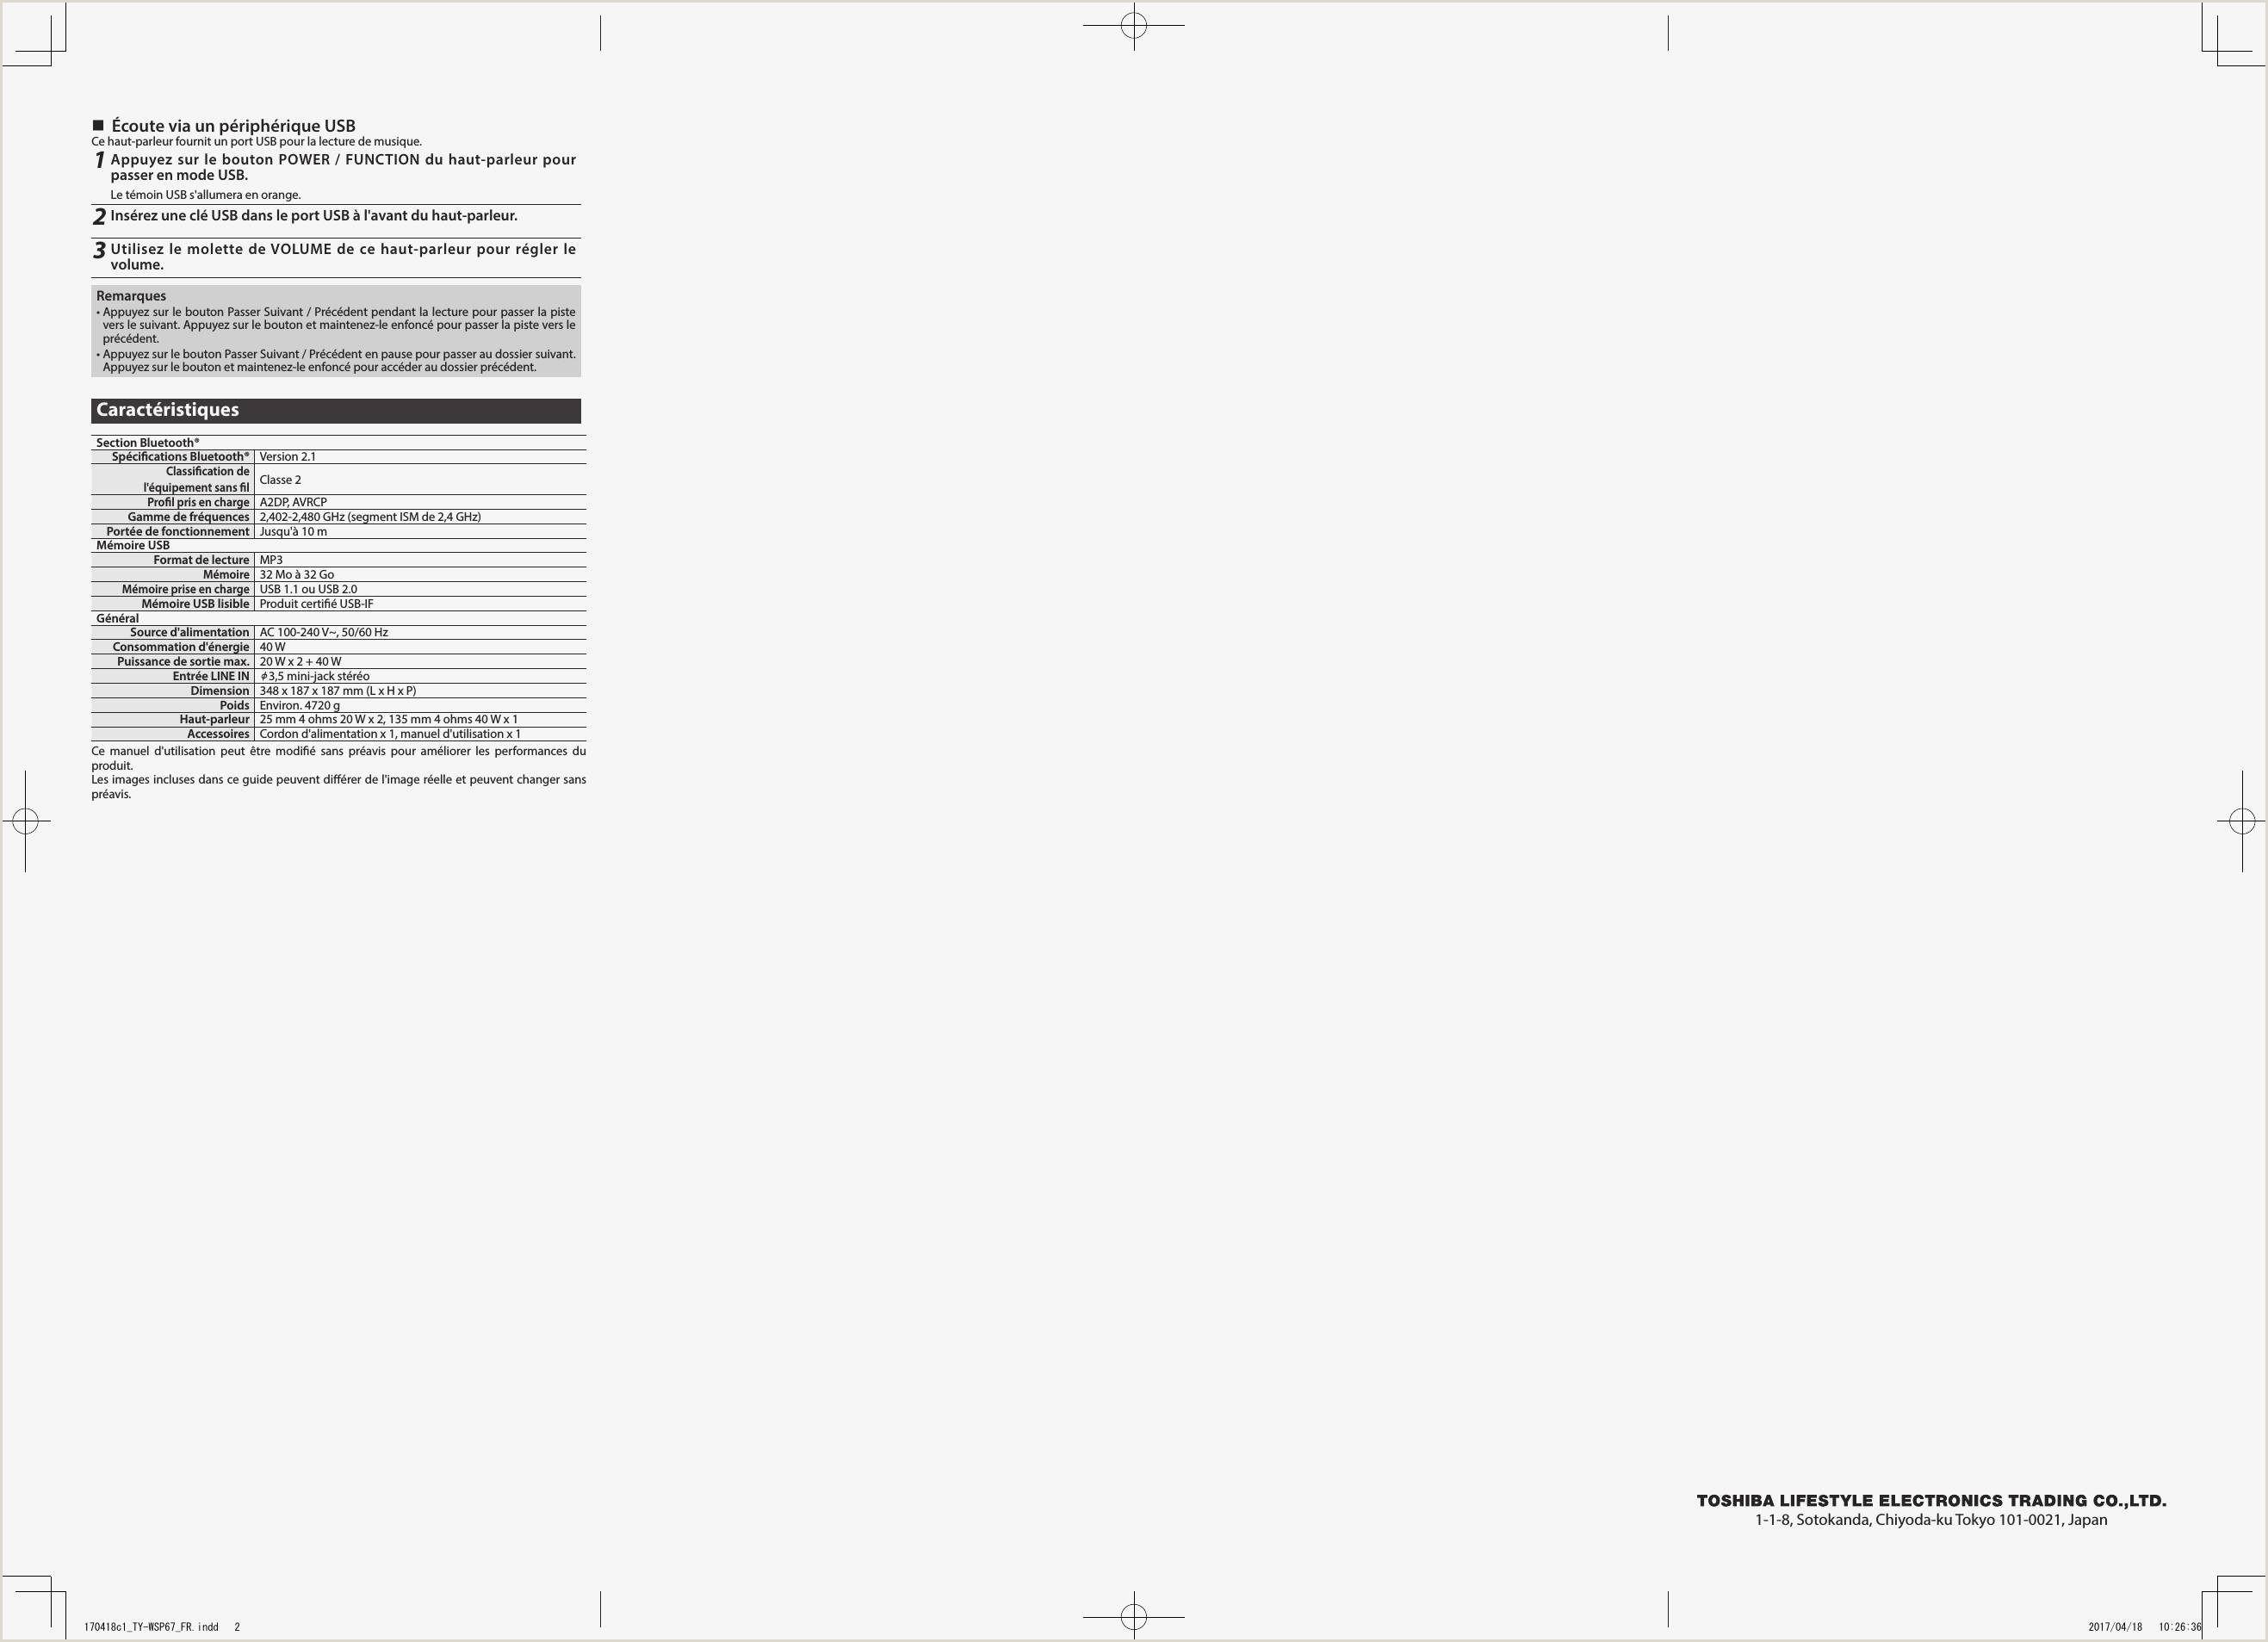 Exemple De Cv Sans Diplome Exemple De Cv Sans Diplome élégant 13 New Modele Cv Sans